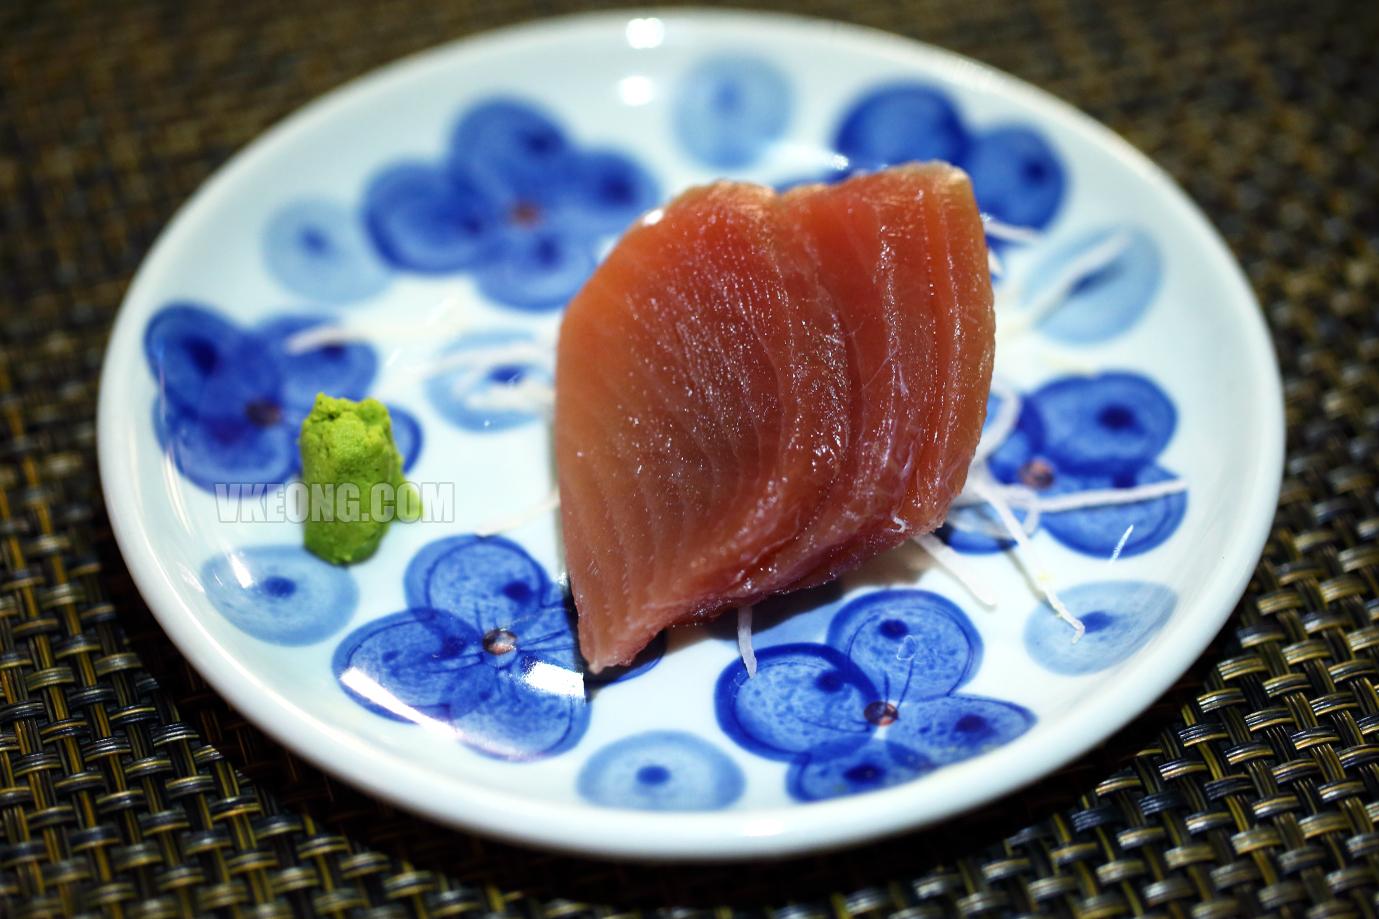 Kurata-Shabu-Shabu-Buffet-Tuna-Sashimi